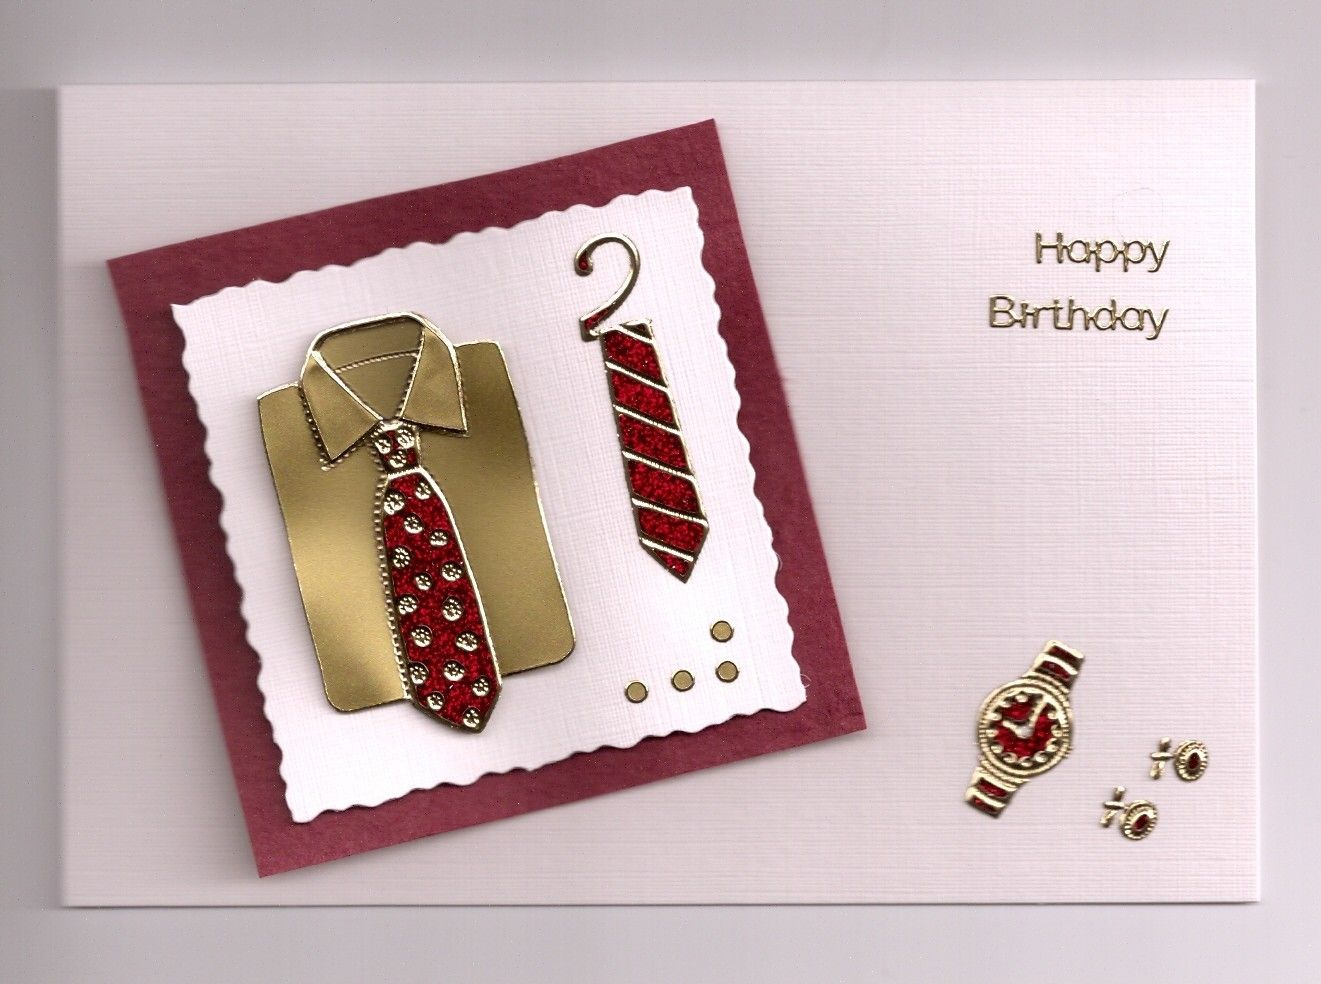 Handmade Birthday Cards For Men Let S Celebrate Birthday Cards For Men Handmade Birthday Cards Cards Handmade